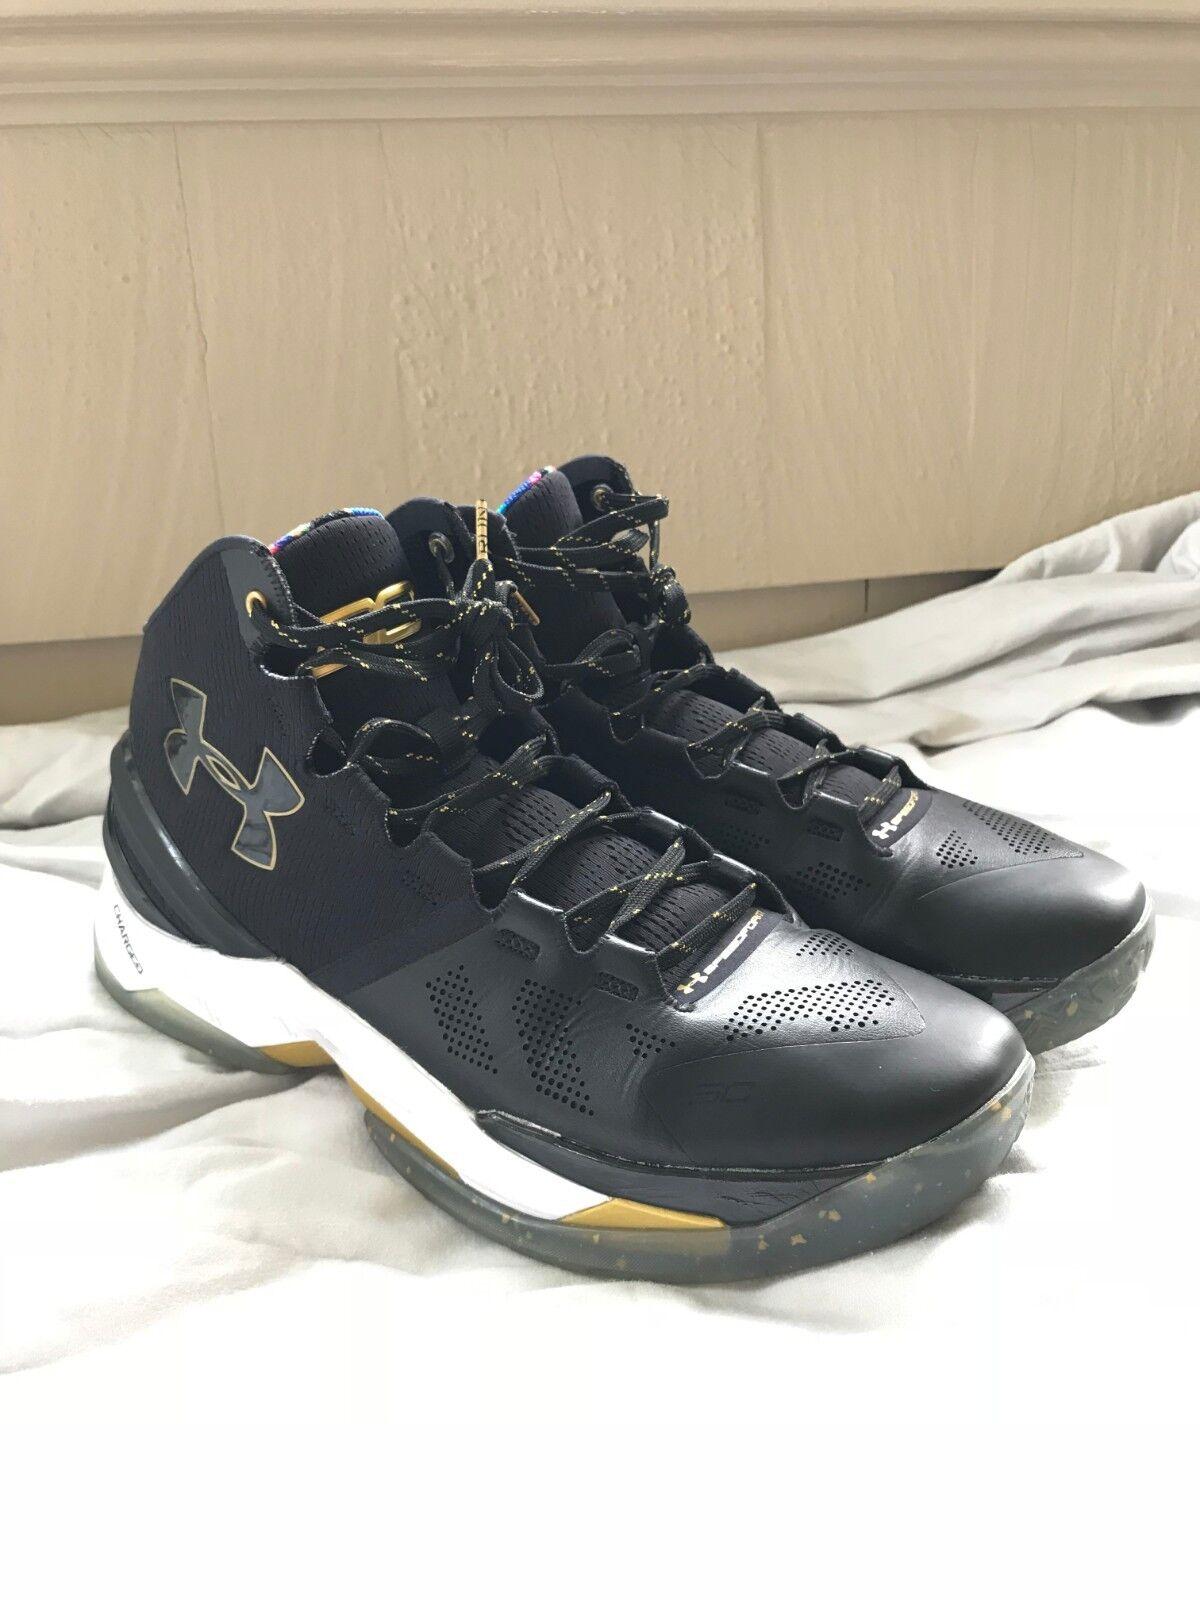 Under Armour Armor UA Curry 2 2 2 Elite size 12 basketball scarpe da ginnastica kicks bcbde3